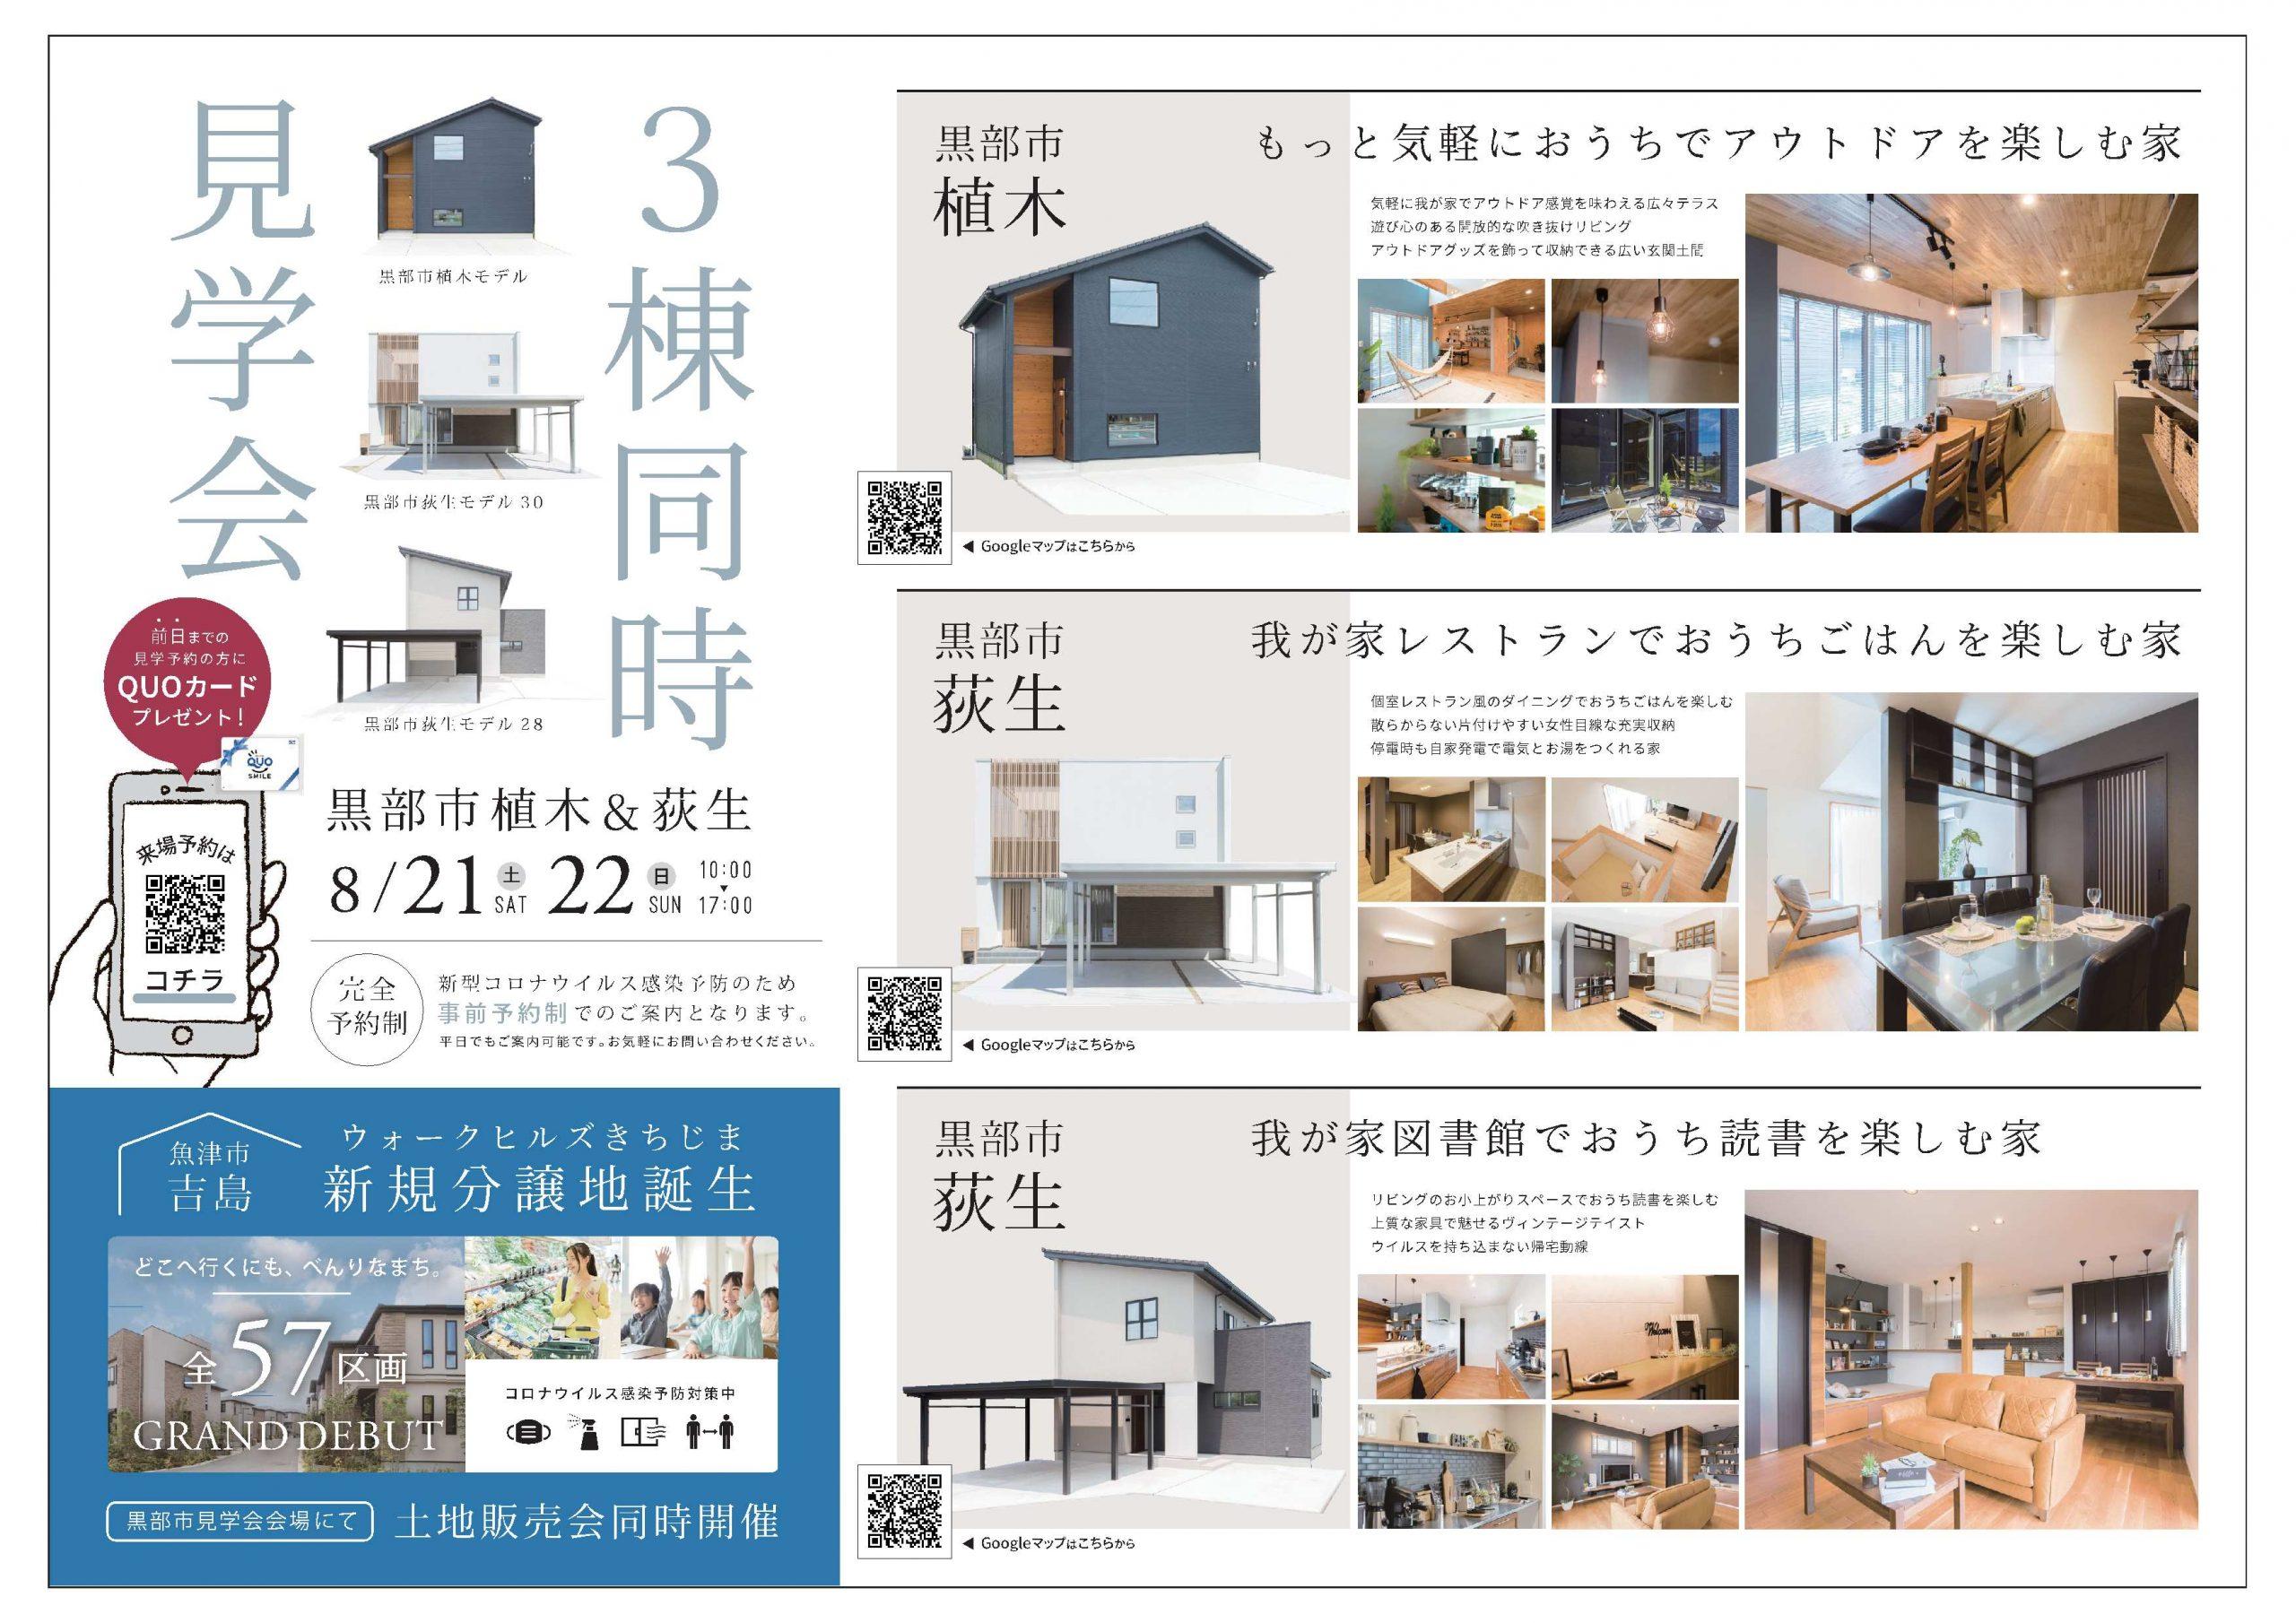 8/21(土)~22(日)黒部市3棟モデルハウス同時見学会【予約制】